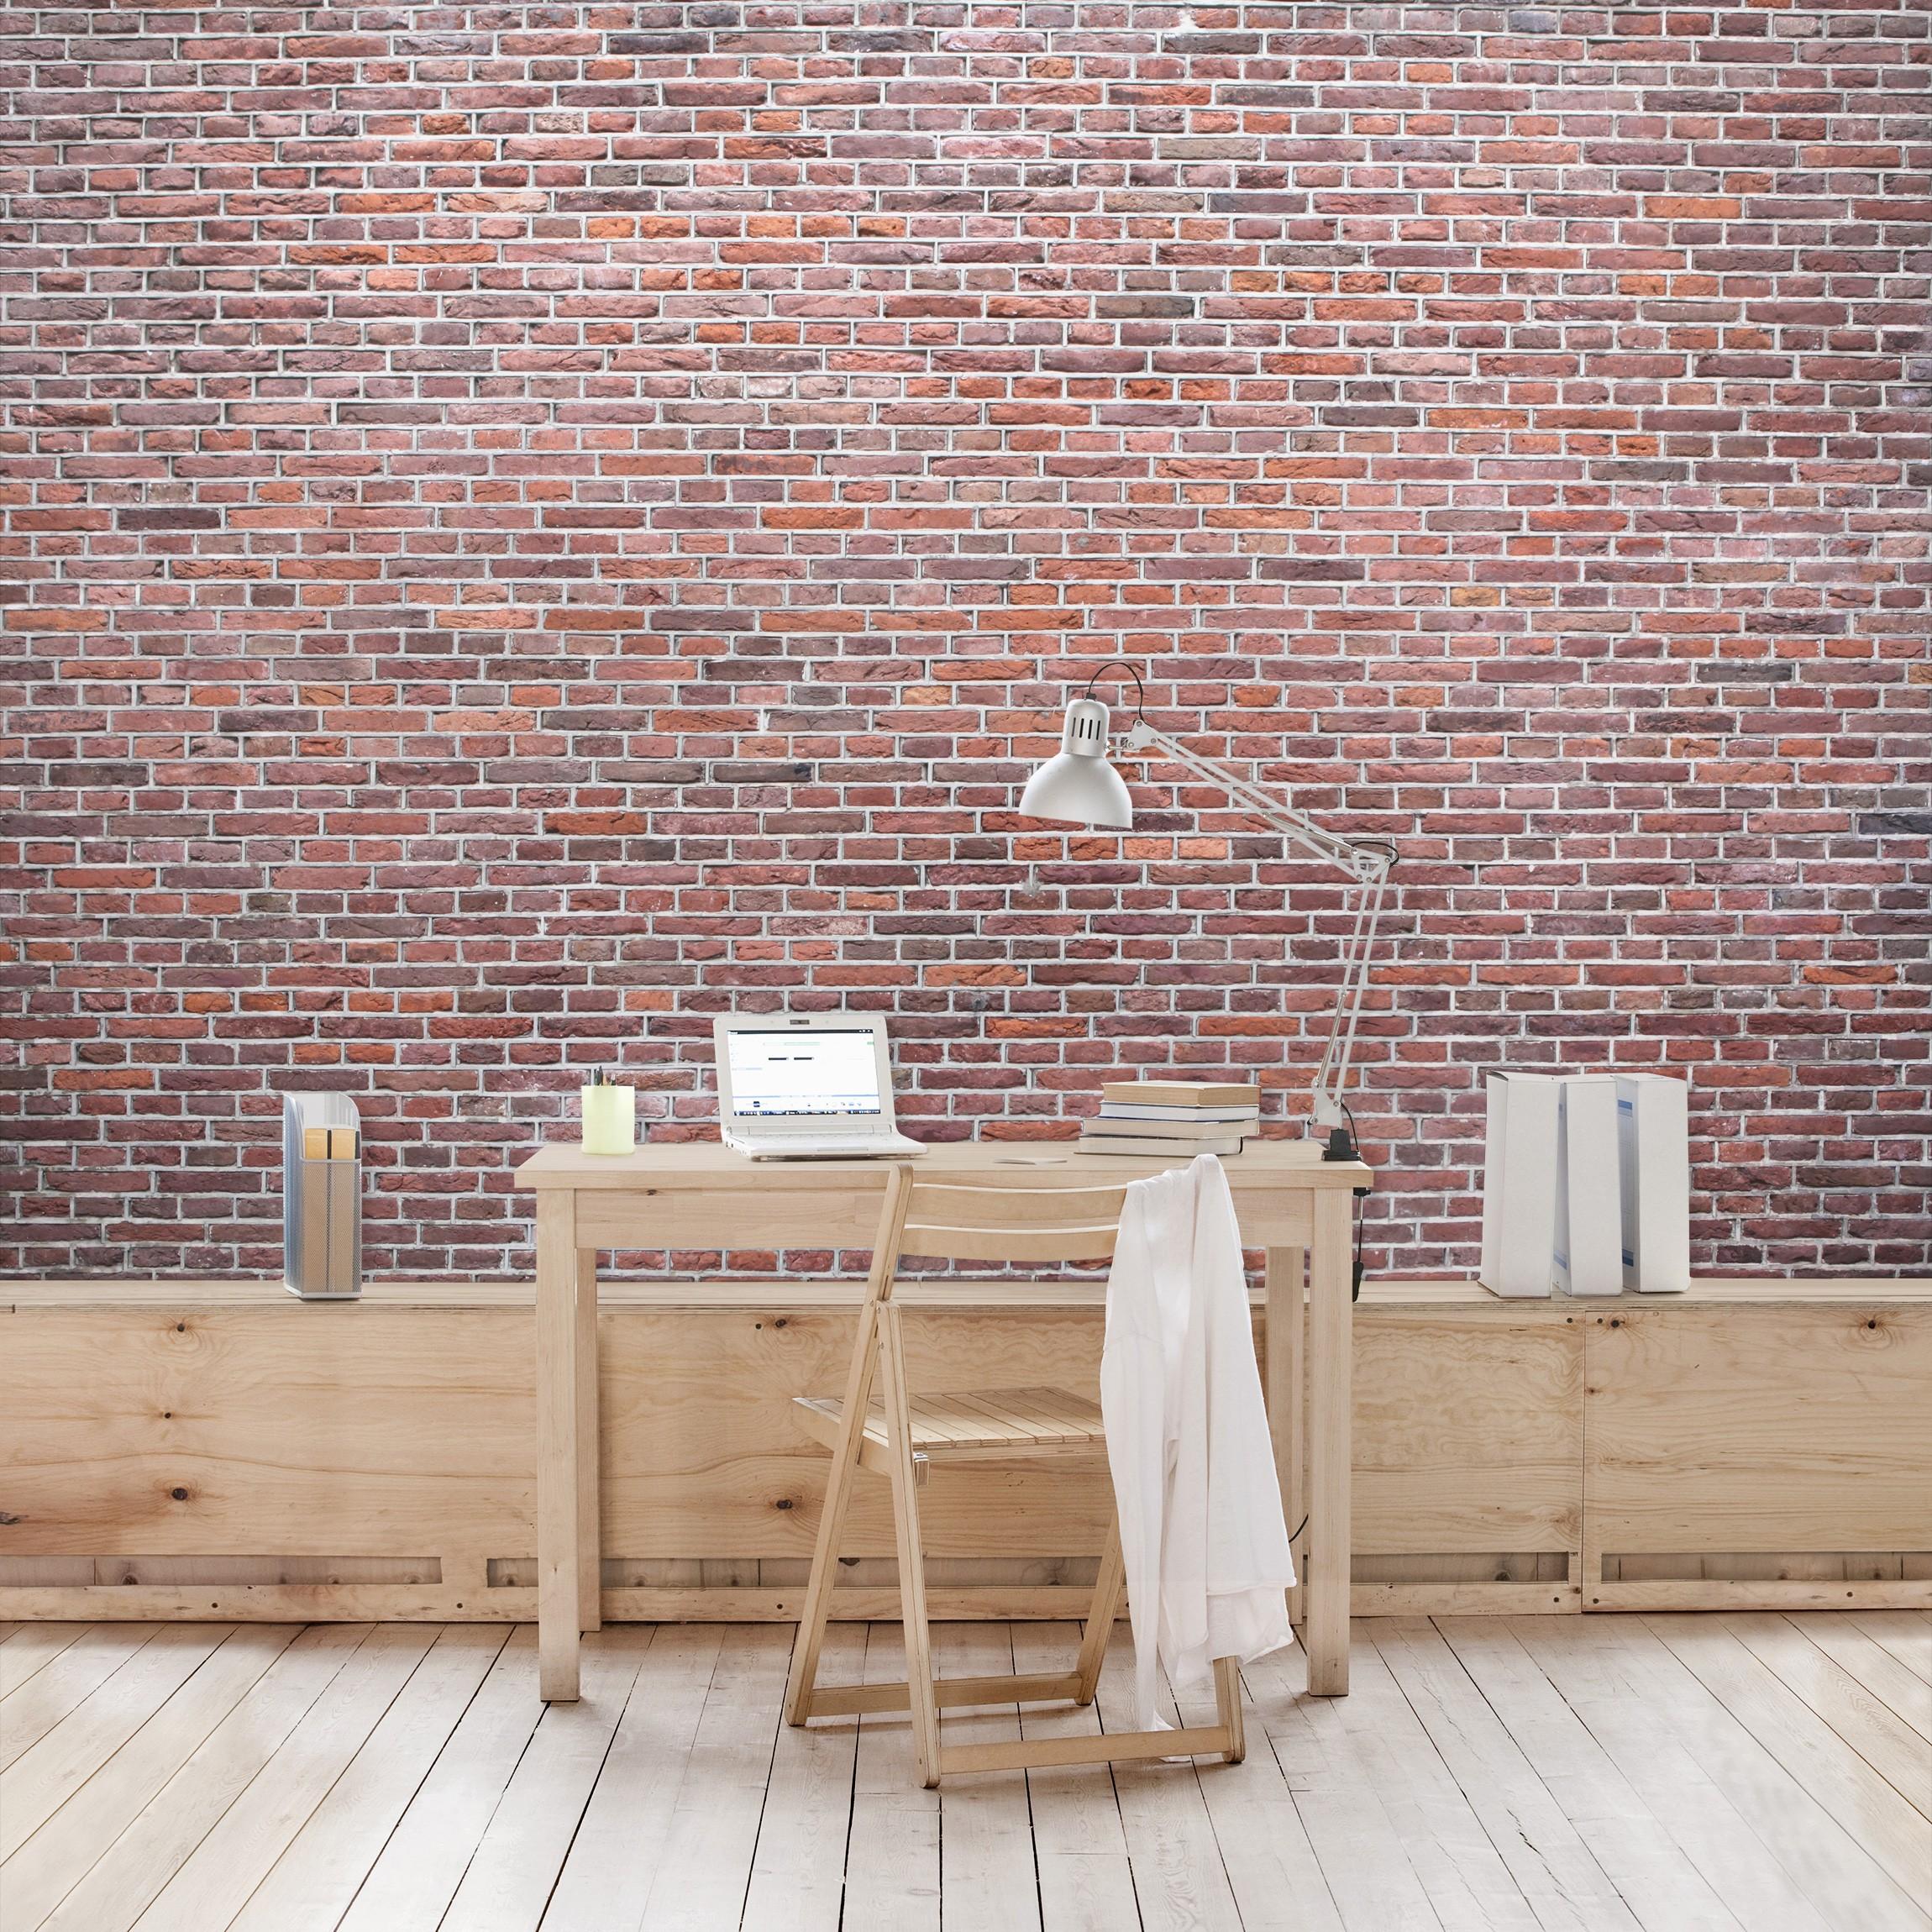 backstein tapete amsterdam rot selbstklebende vinyltapete. Black Bedroom Furniture Sets. Home Design Ideas